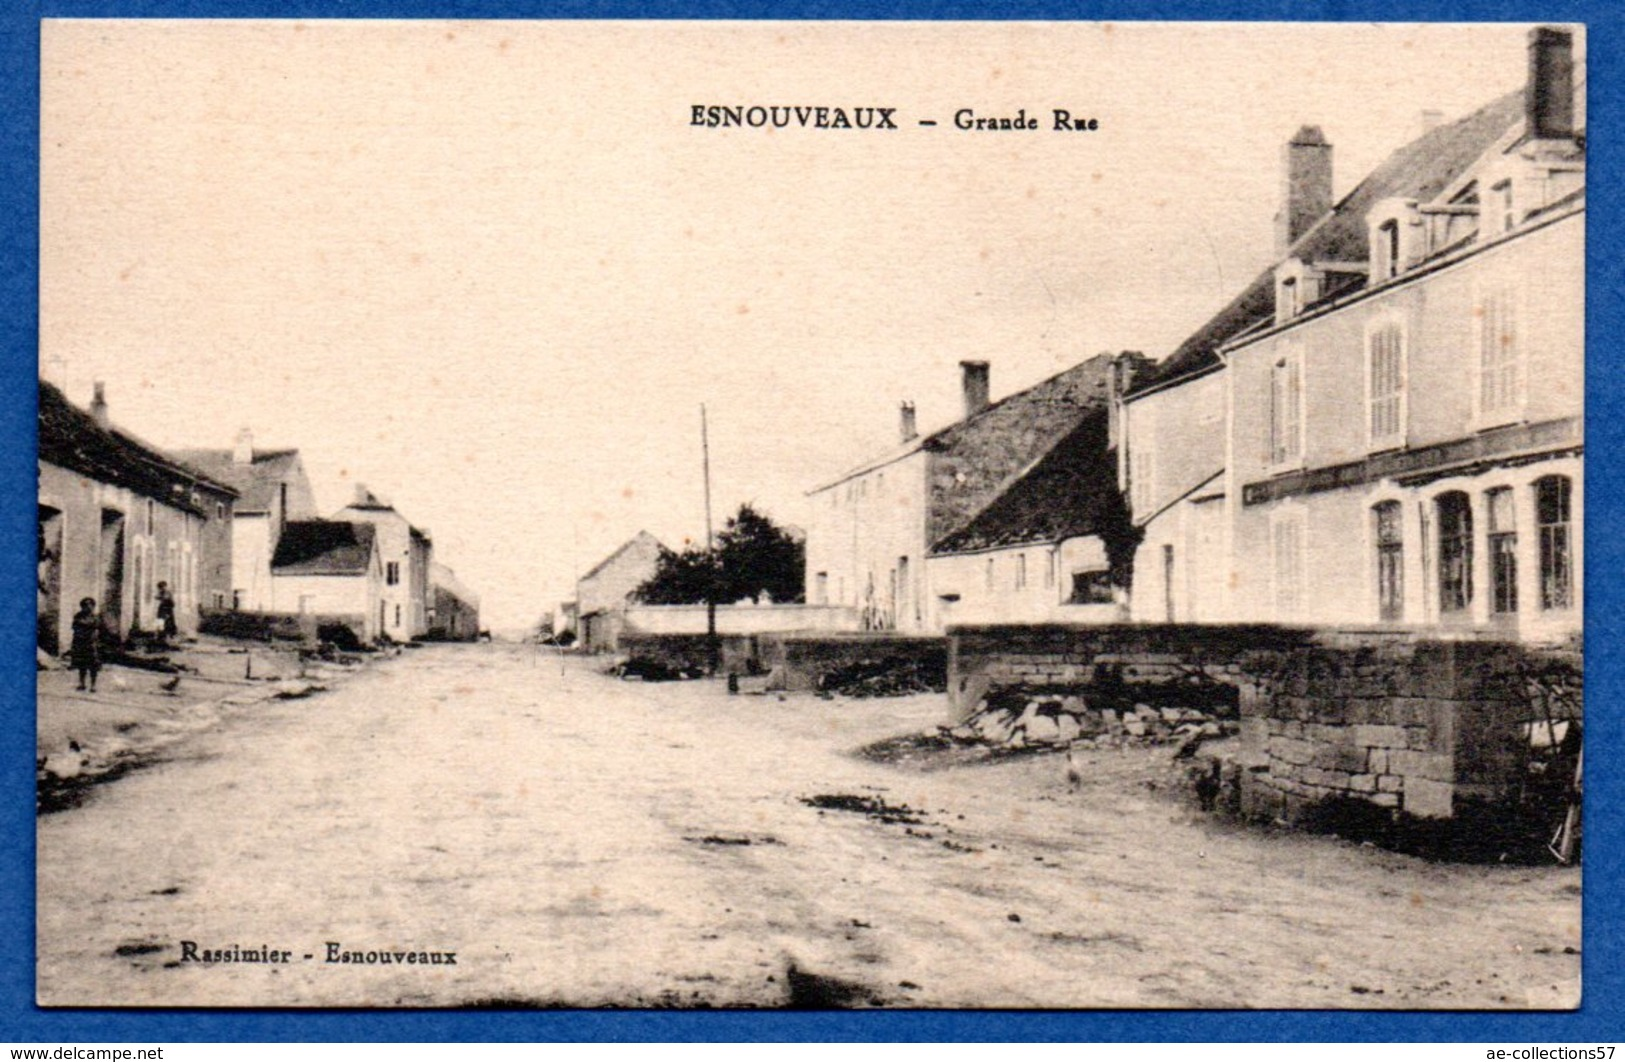 Esnouveaux - Grande Rue - France